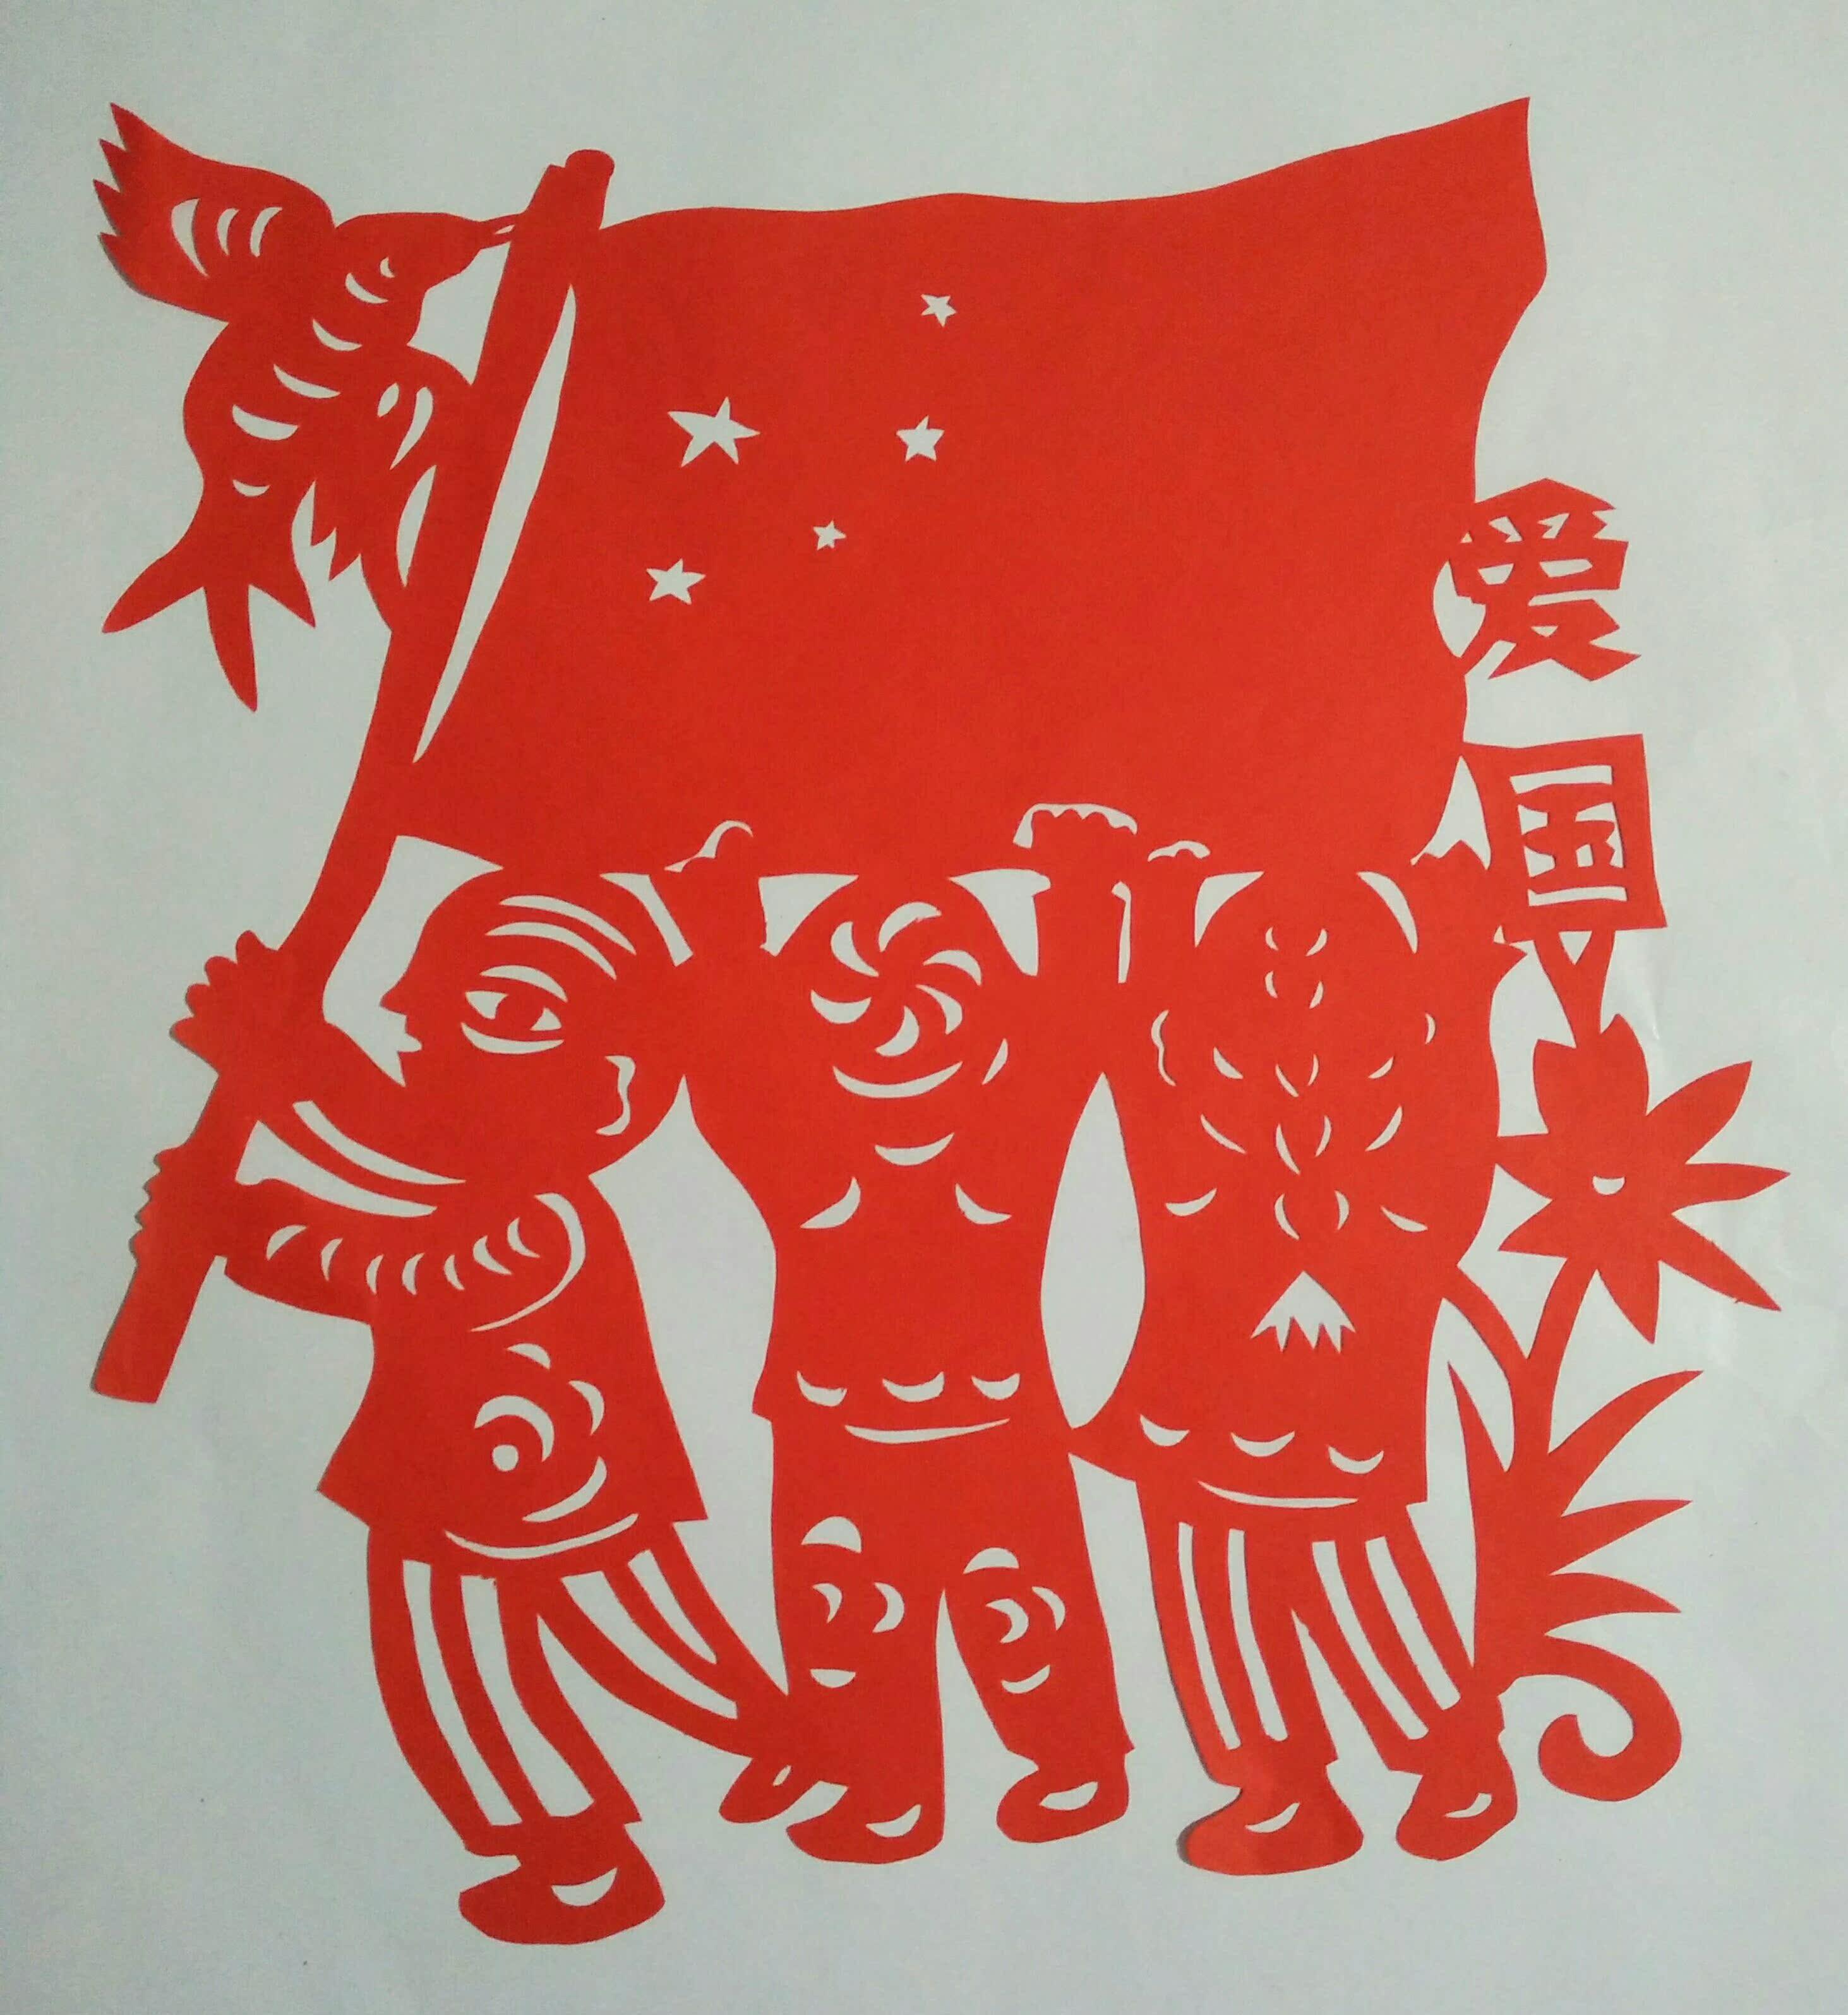 纯手工剪纸作品画窗花精品 爱国和谐社会主义核心价值观 宣纸红纸